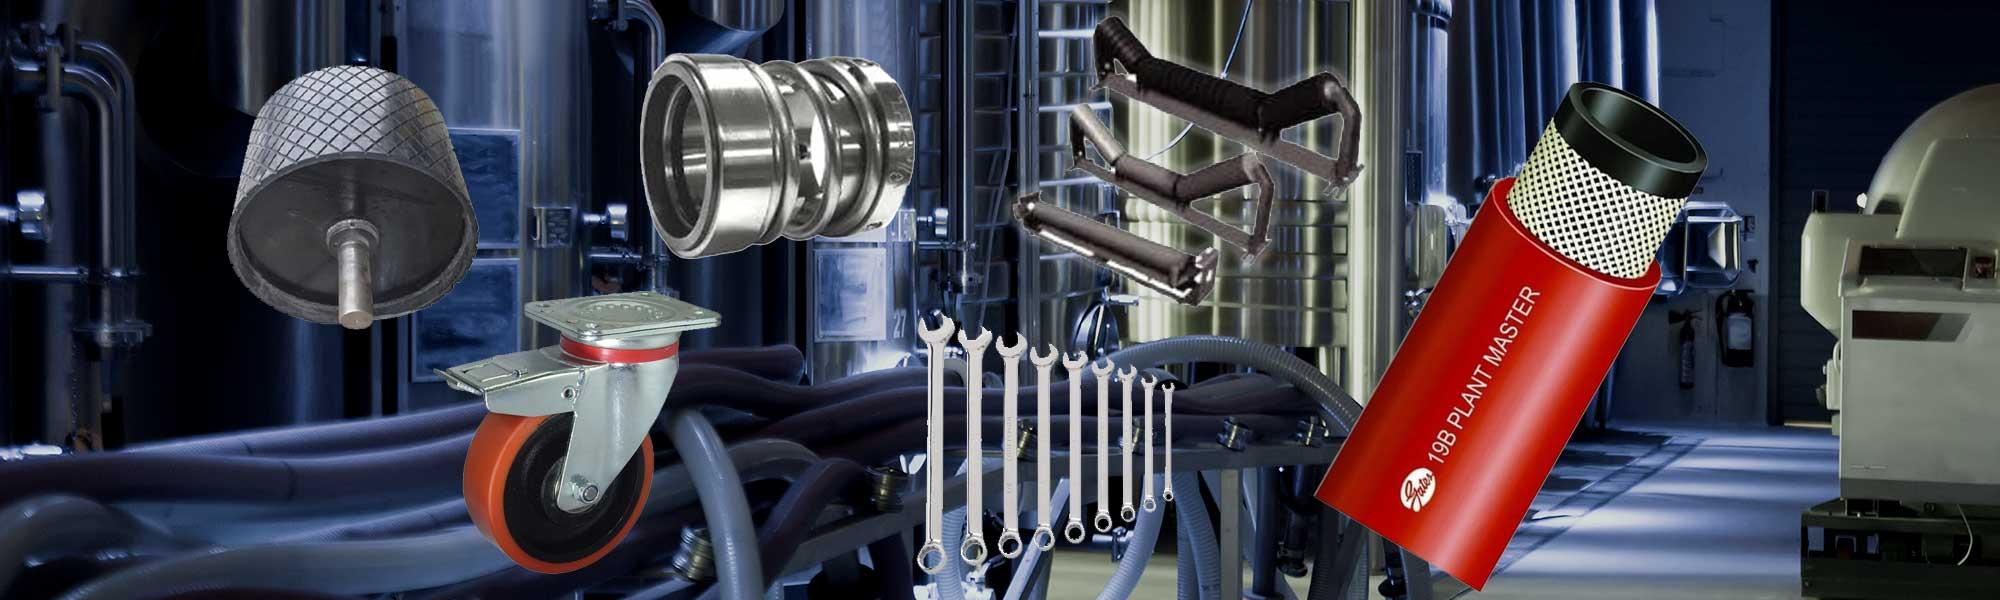 Herramientas industriales y Accesorios | Babachu